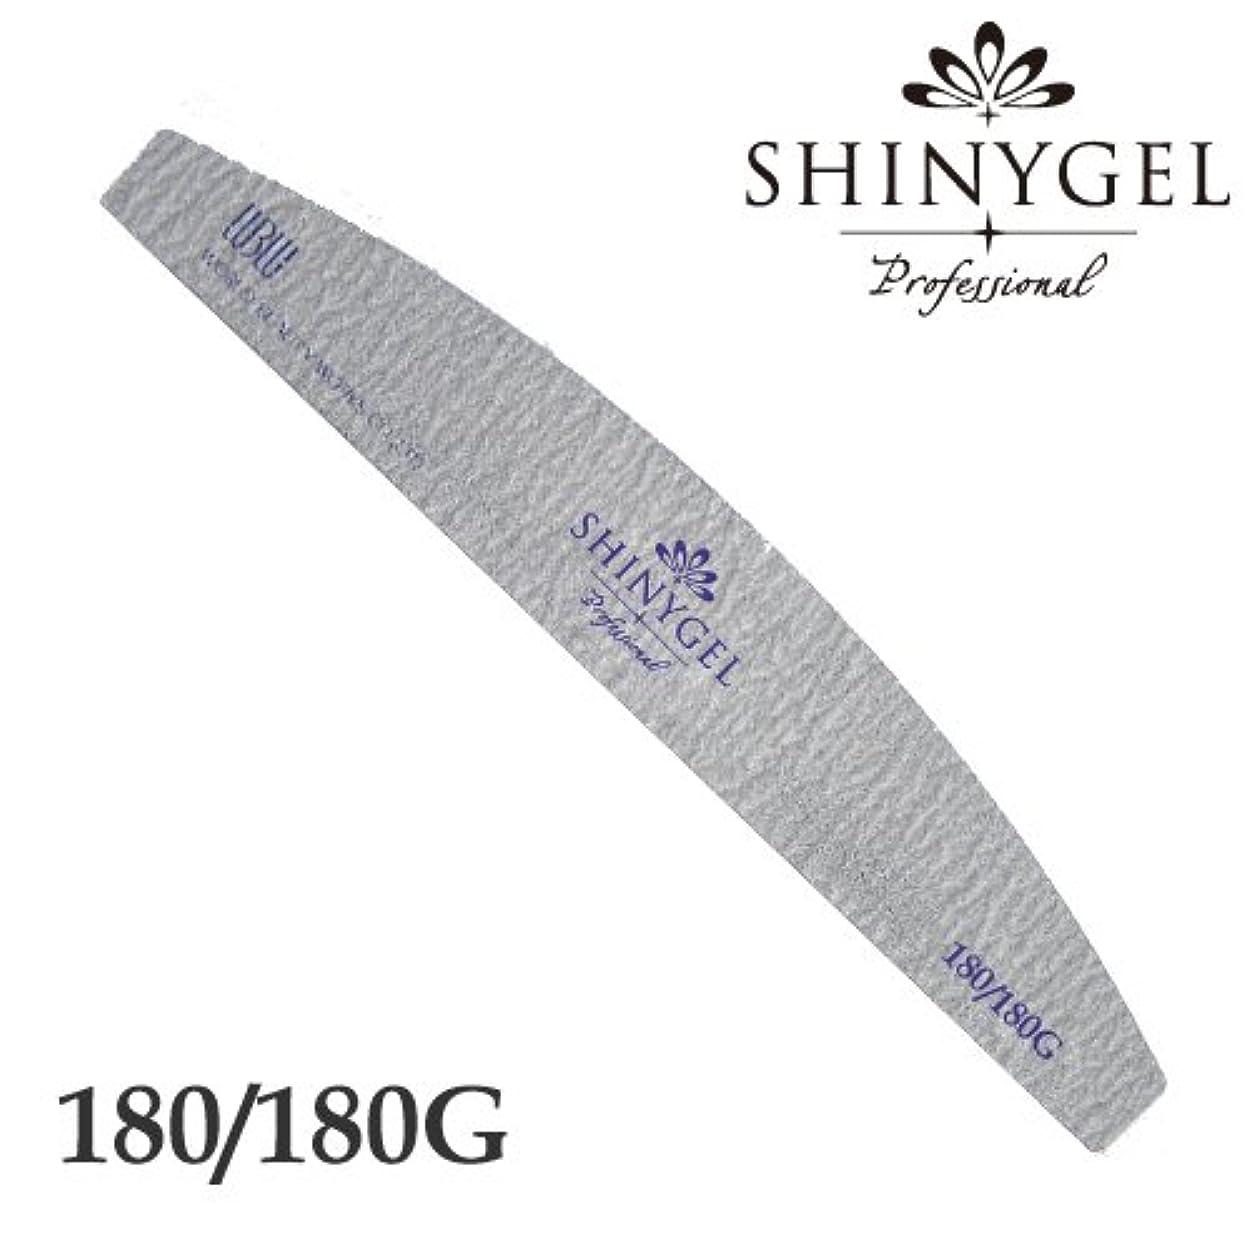 家具敵対的賭けSHINYGEL Professional シャイニージェルプロフェッショナル ゼブラファイル ホワイト(アーチ型) 180/180G ジェルネイル 爪やすり